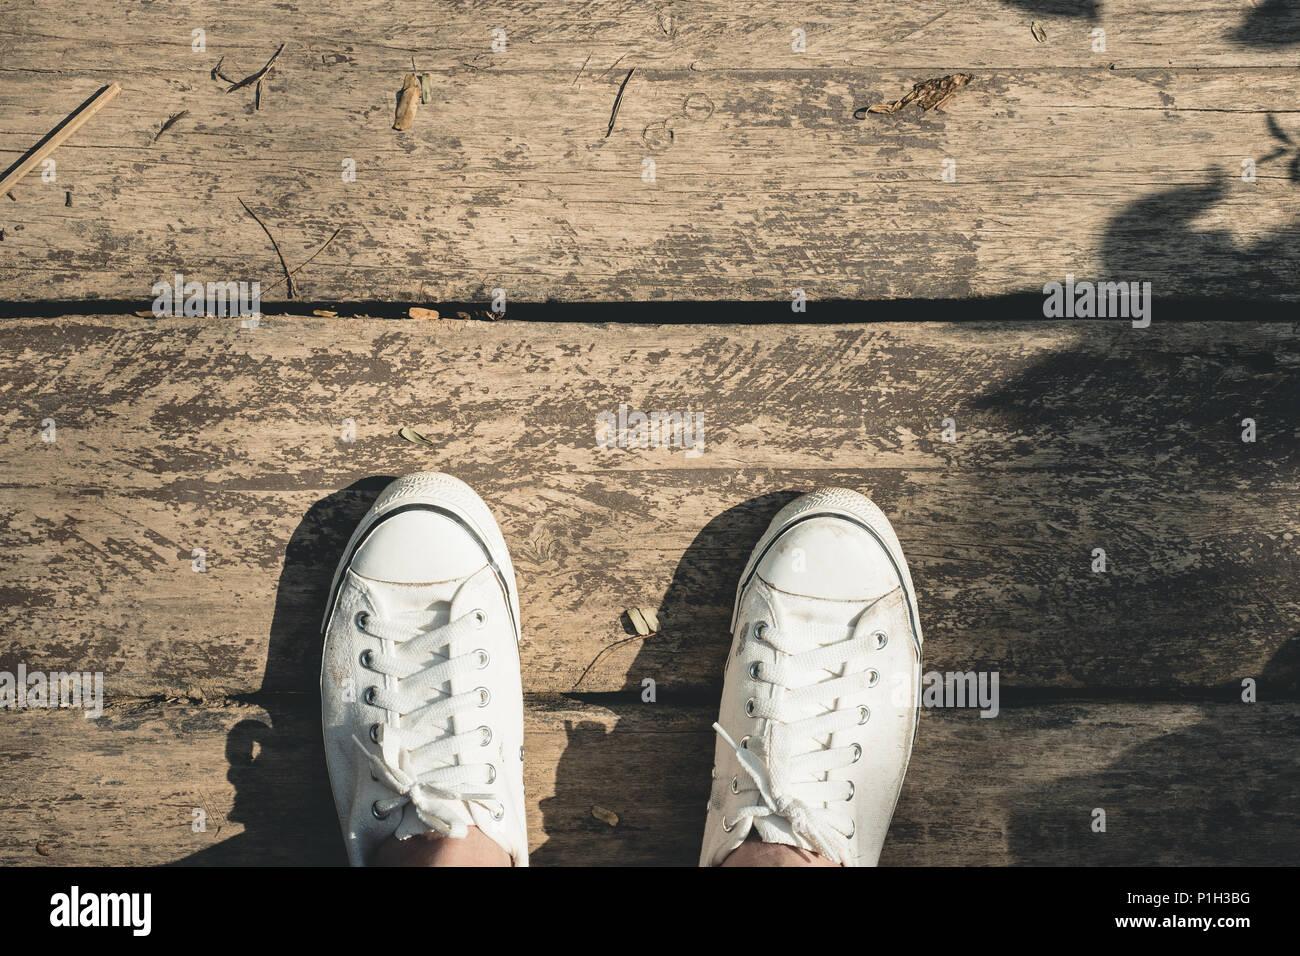 Vista aérea de zapatillas zapatillas de tela blanca de pie en el grunge  viejo piso de 0844a6edb565